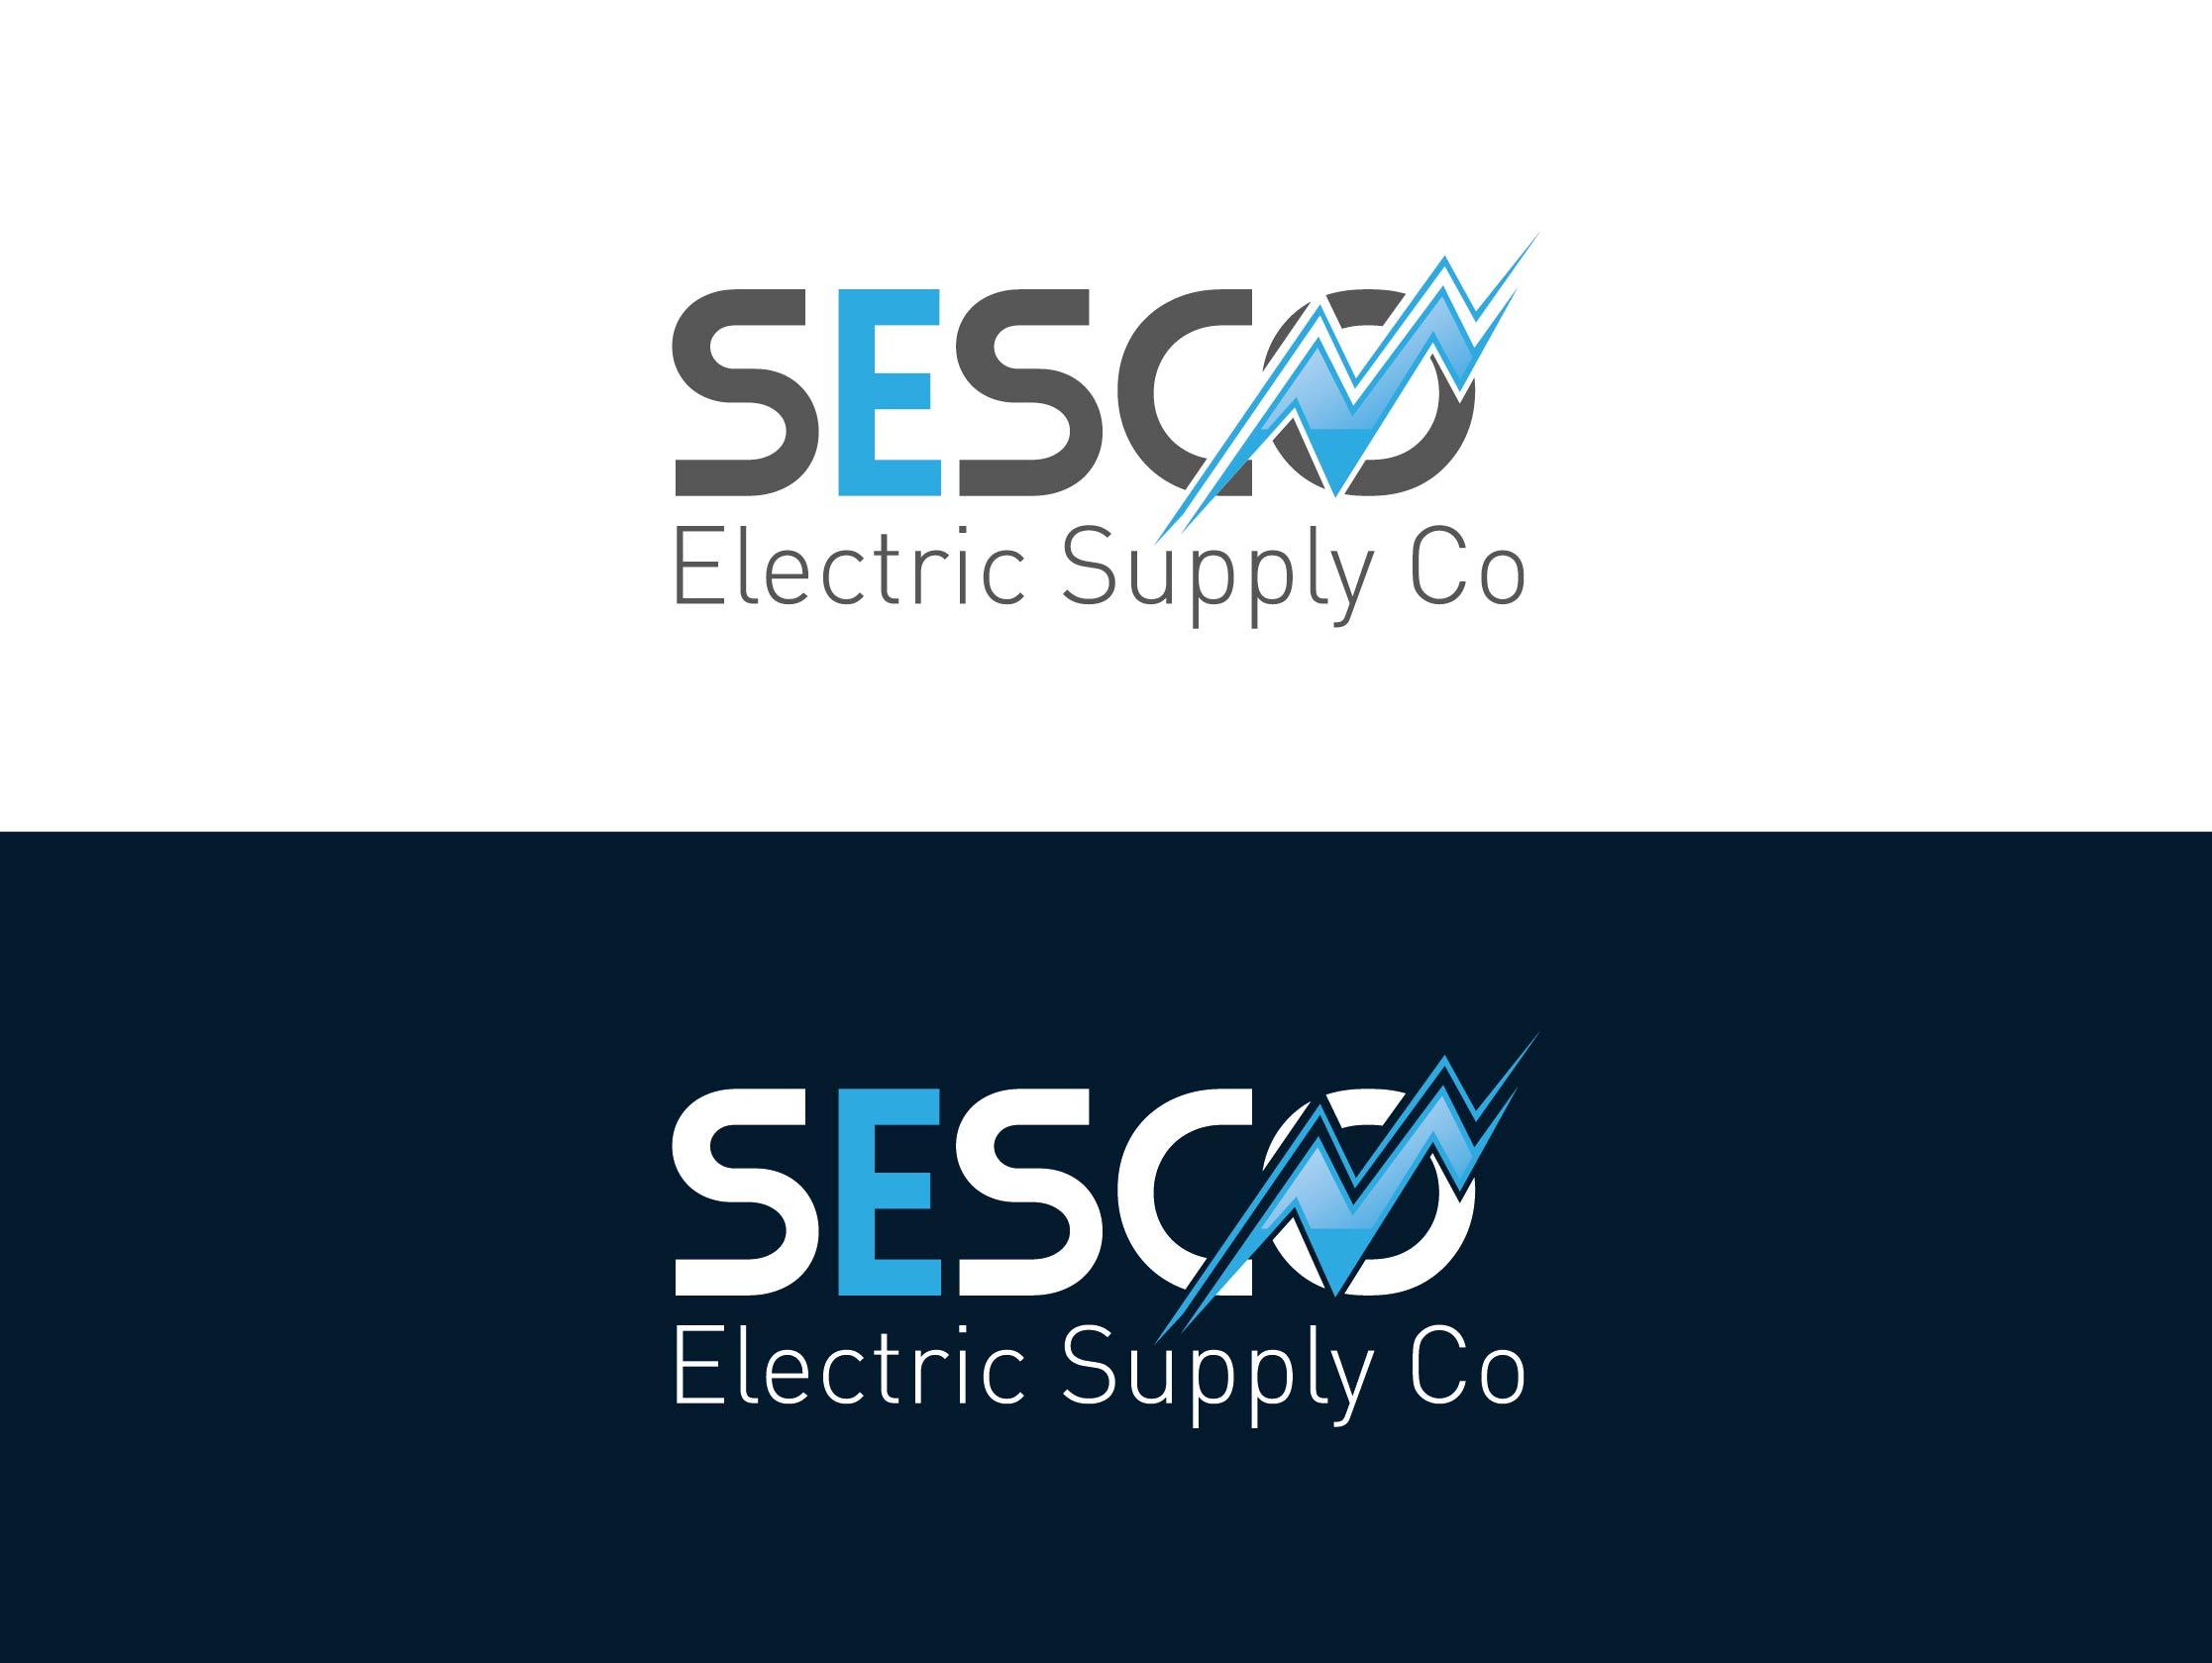 Logo Design by Adnan Taqi - Entry No. 87 in the Logo Design Contest SESCO Electric Supply Co. Logo Design.